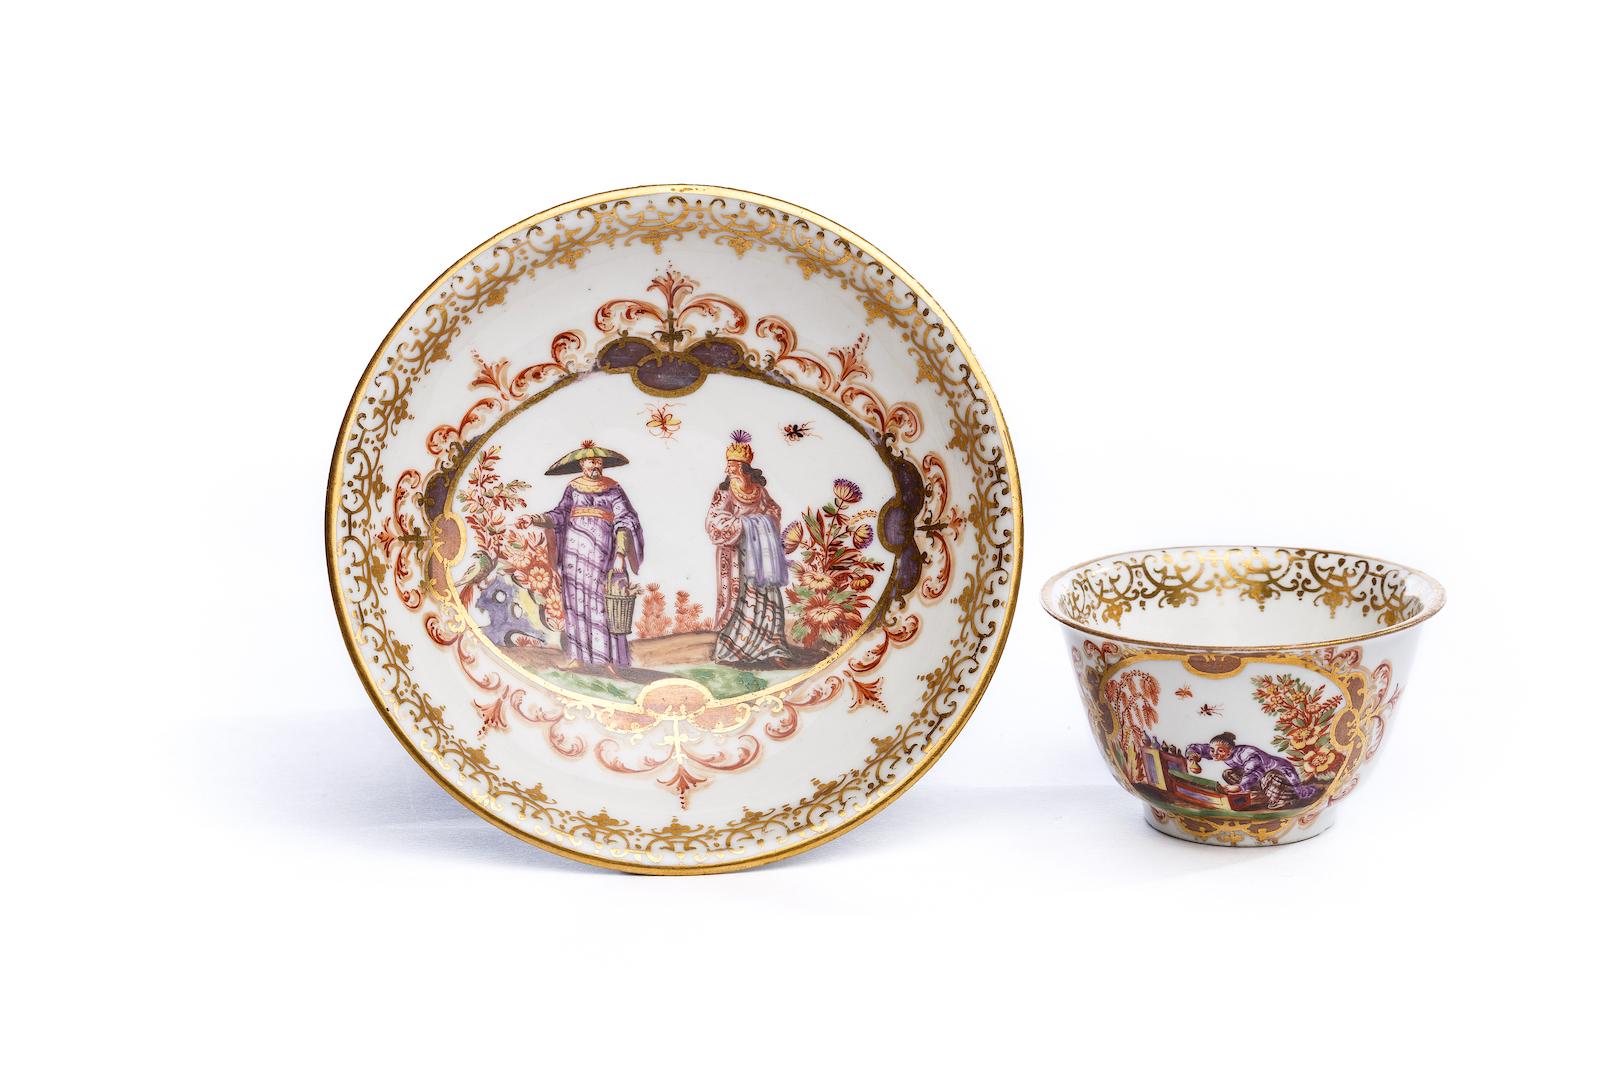 #103 Koppchen mit Unterschale, Meissen 1723/24 | Bowl with saucer, Meissen 1723/24 Image